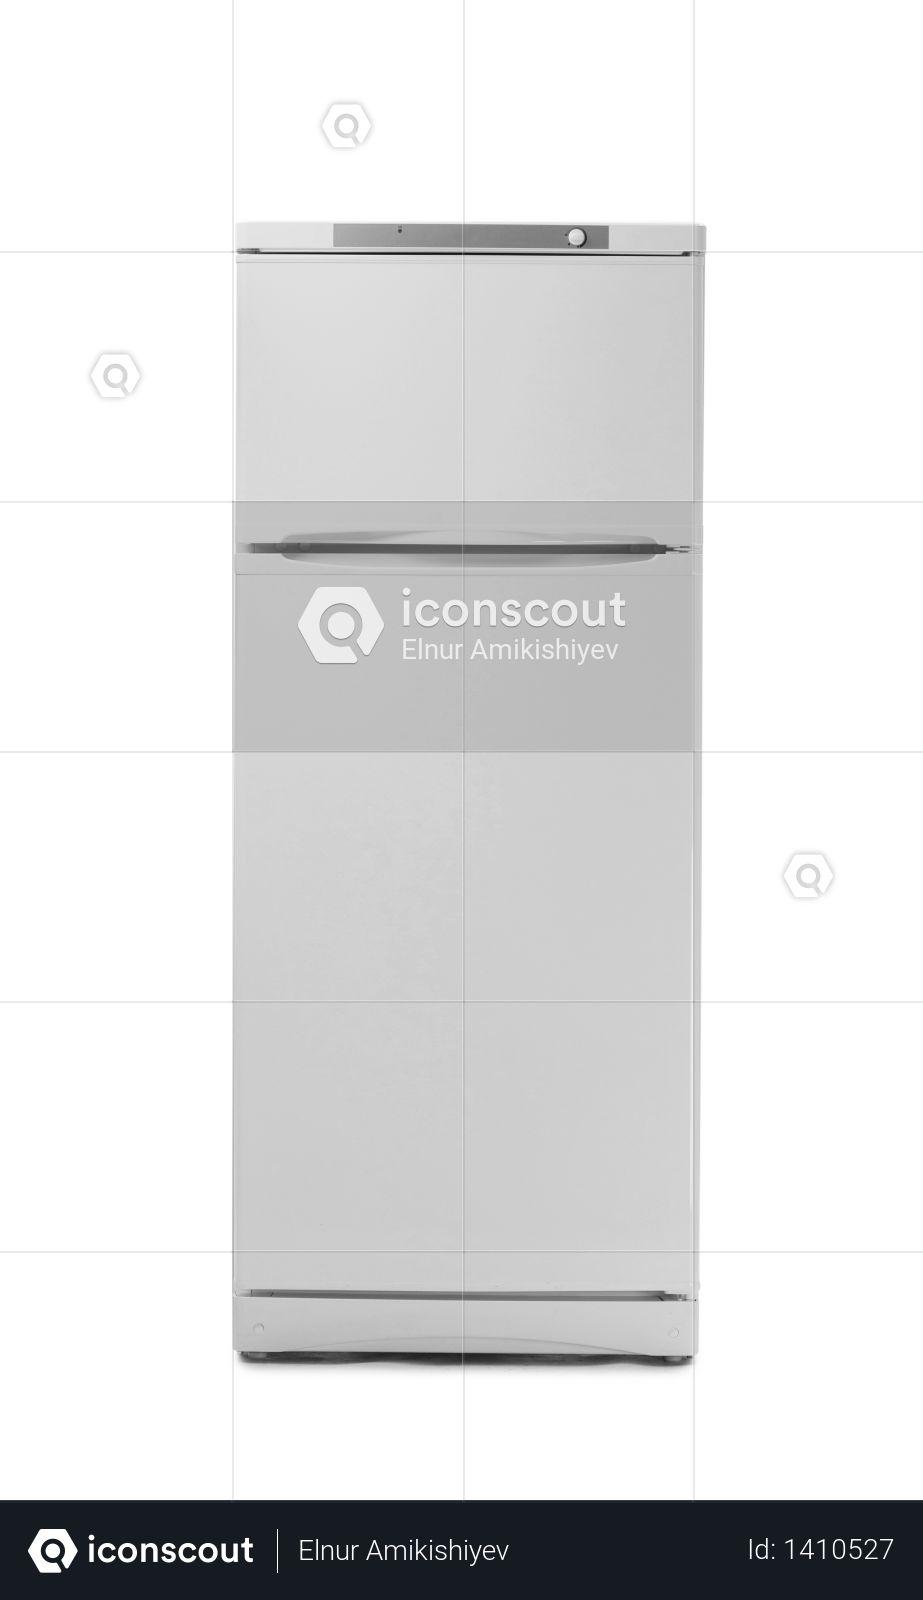 Modern fridge isolated on white background Photo